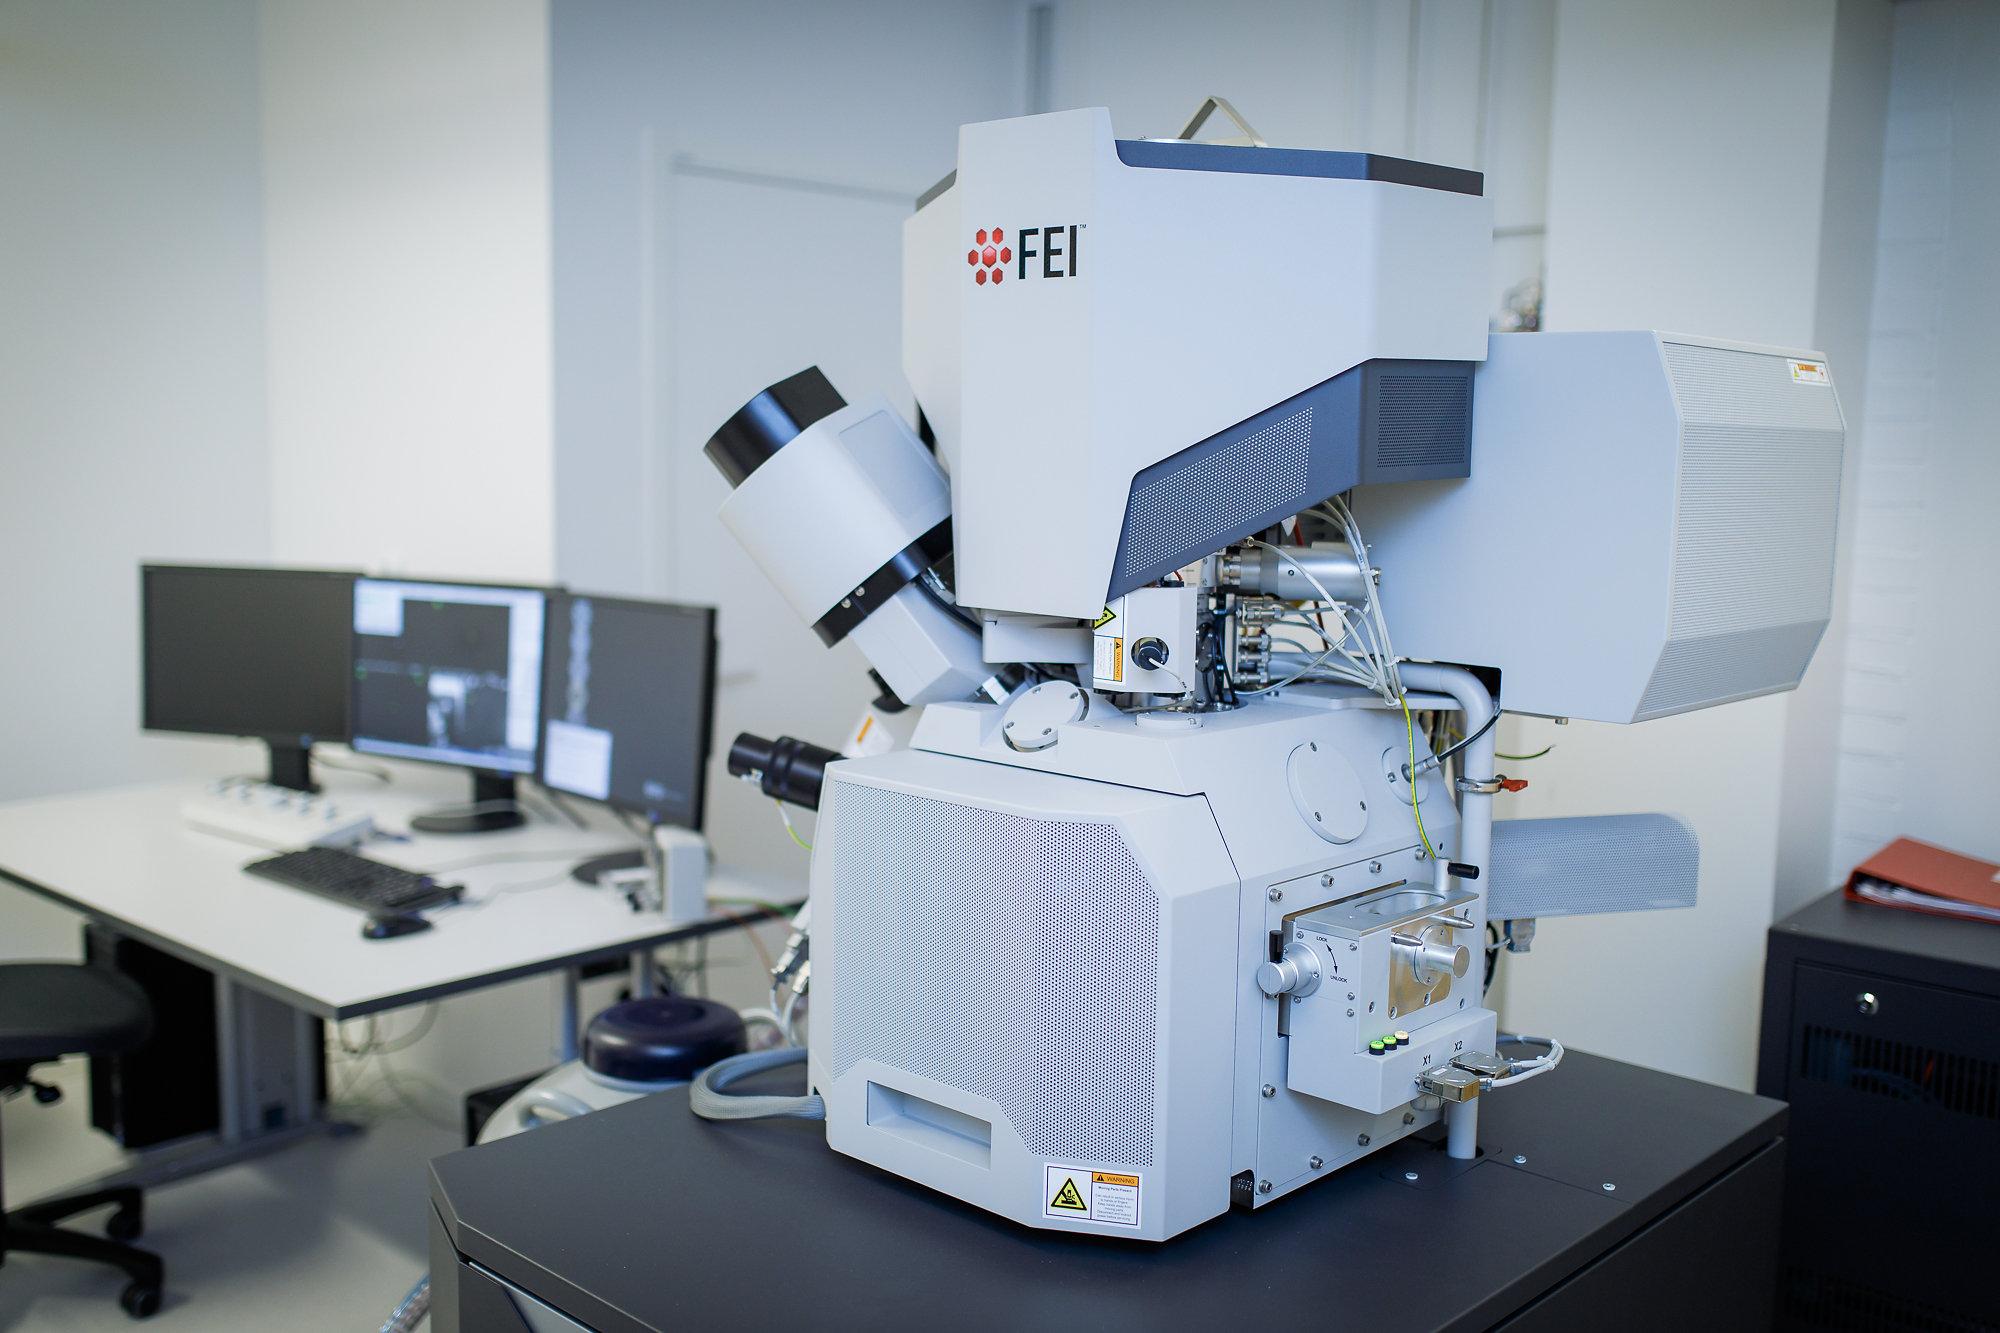 микроскопия фото гугл простых